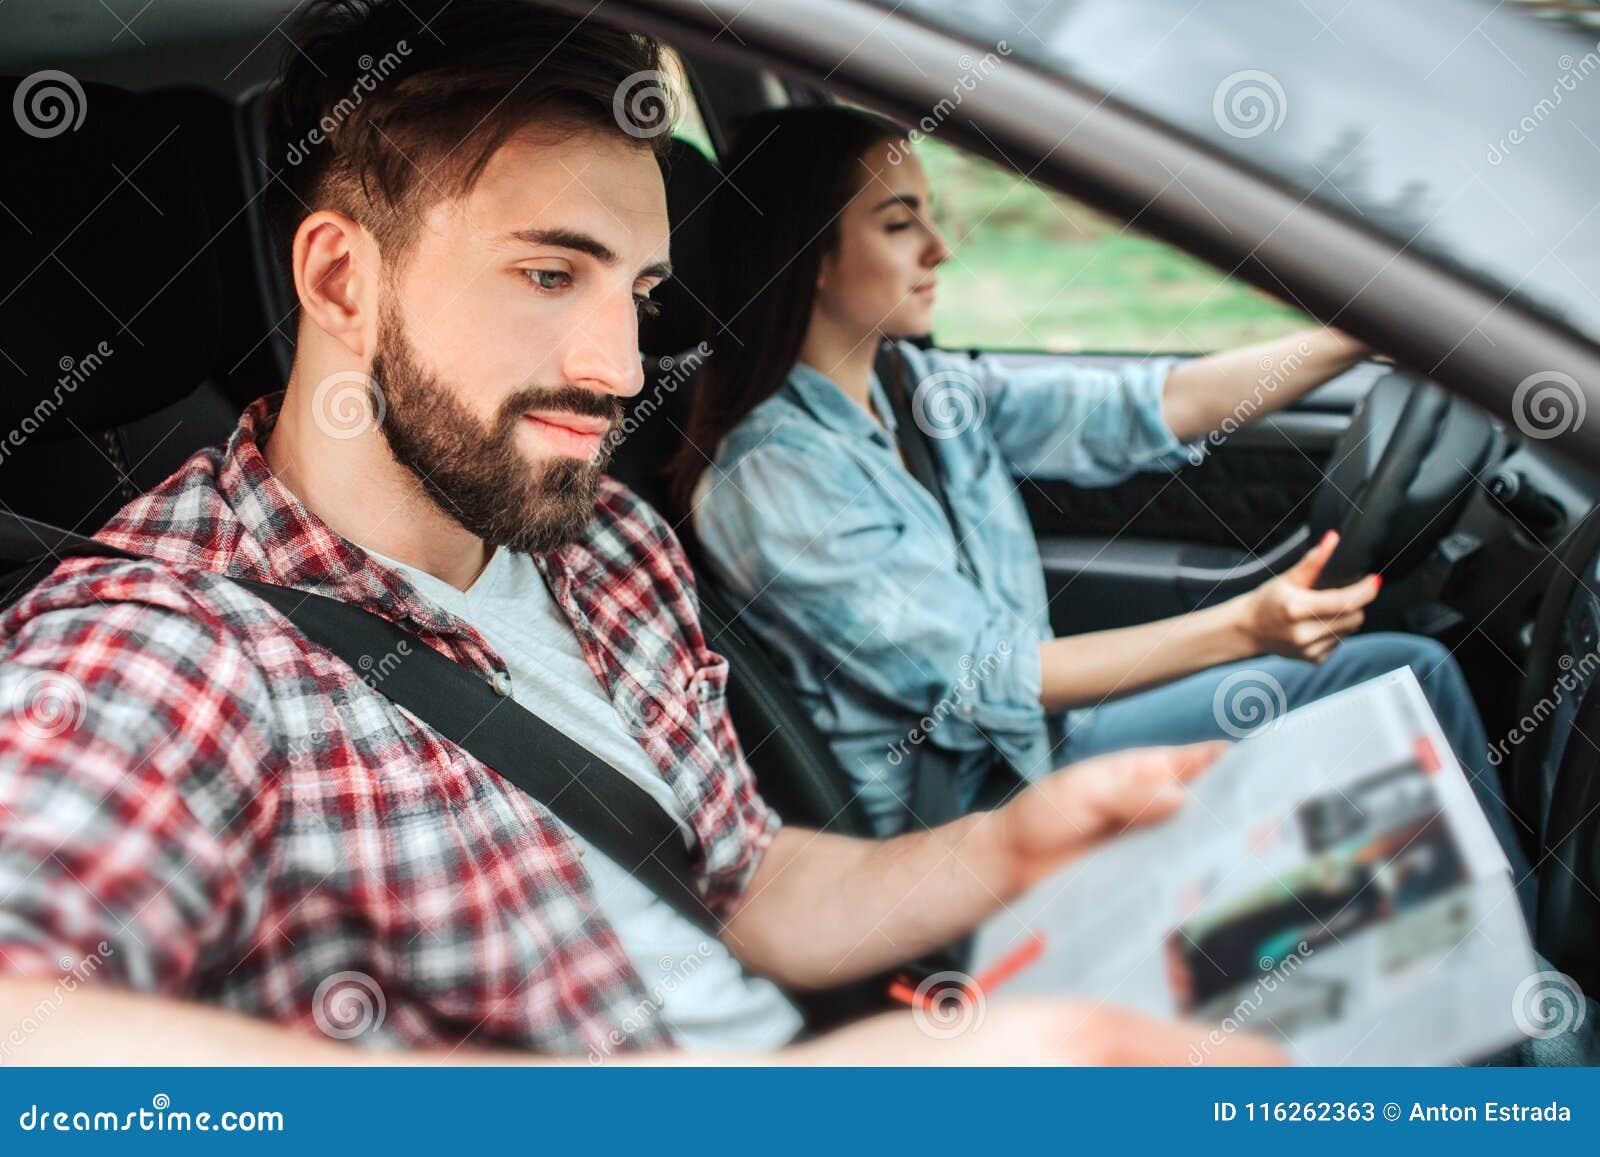 Nette Leute reiten in Auto Mädchen fährt Maschine Kerl sitzt außer ihrem und liest ein Buch Sie sind